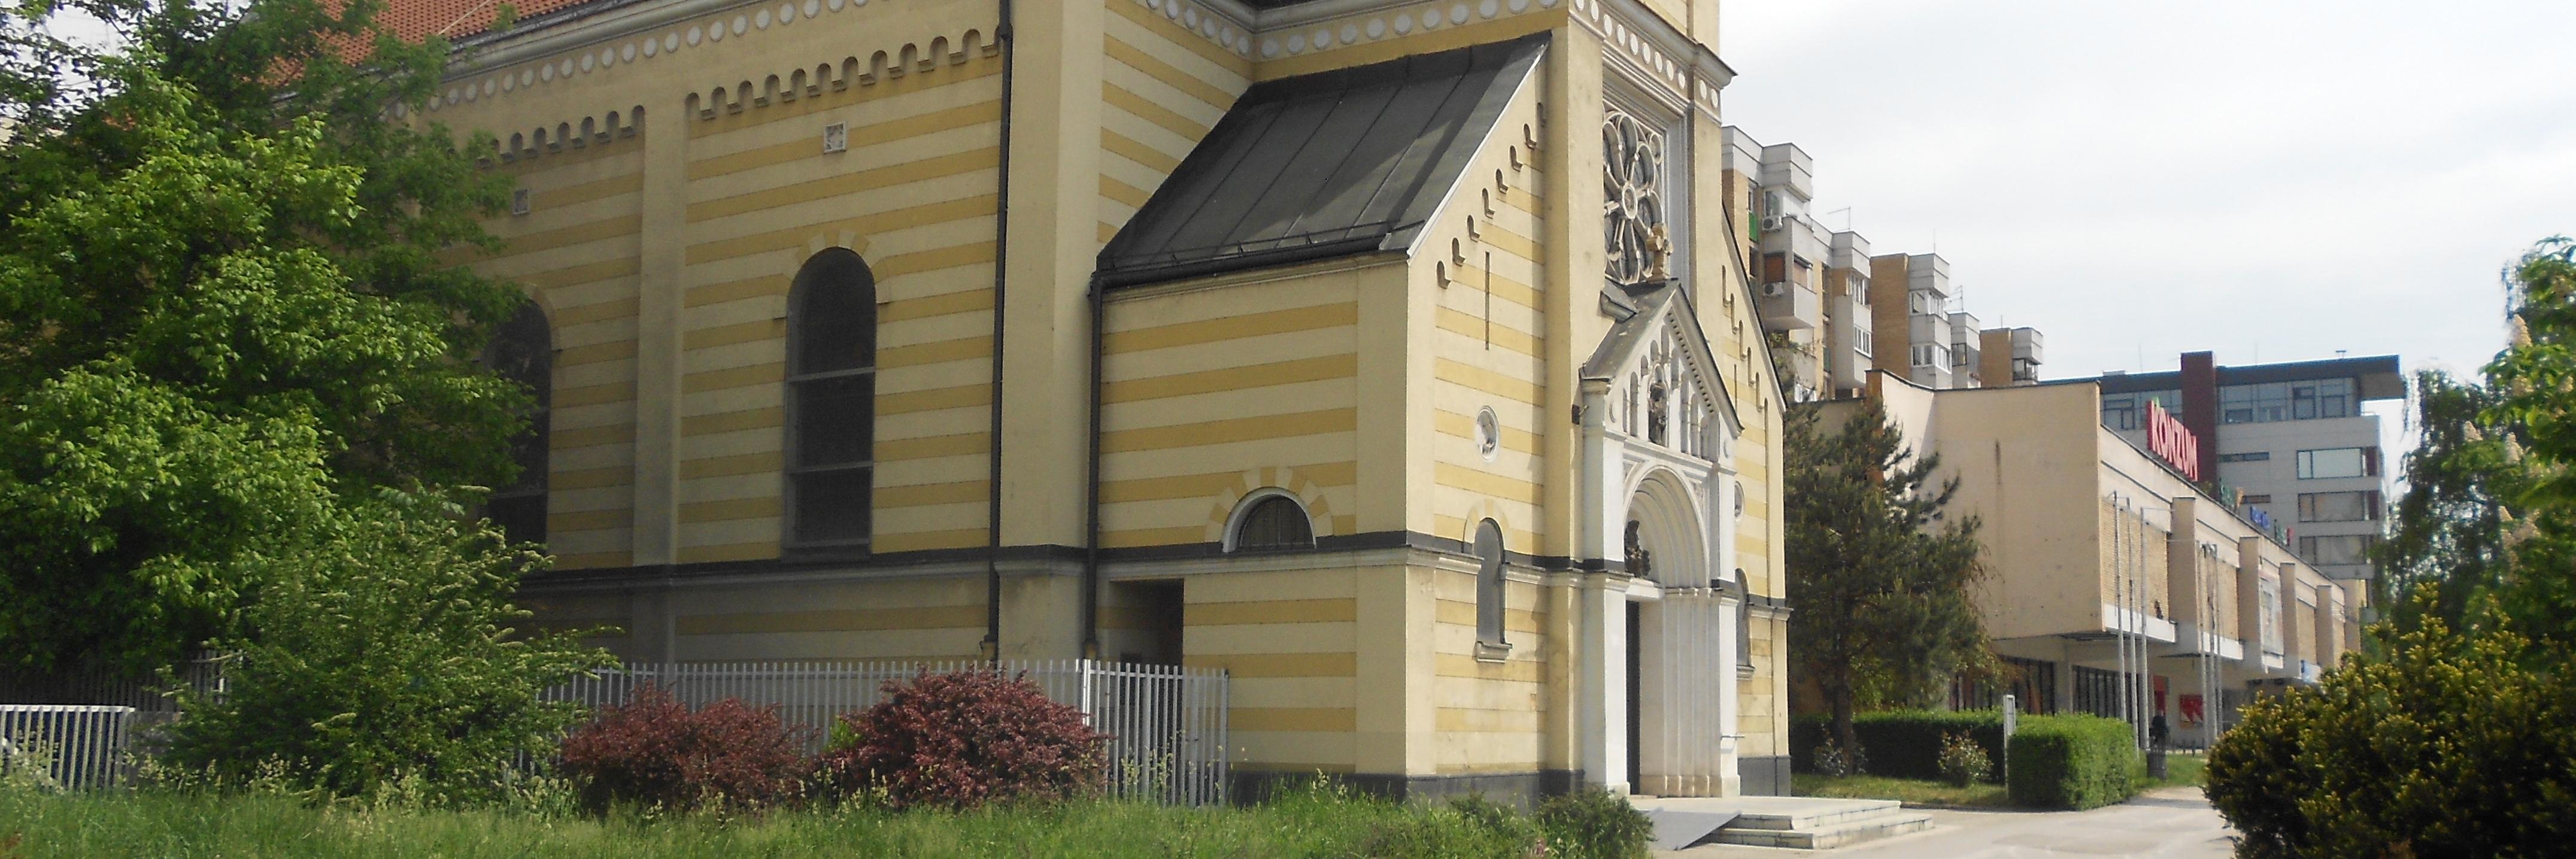 Церковь св. Троицы. Фото: Елена Арсениевич, CC BY-SA 3.0